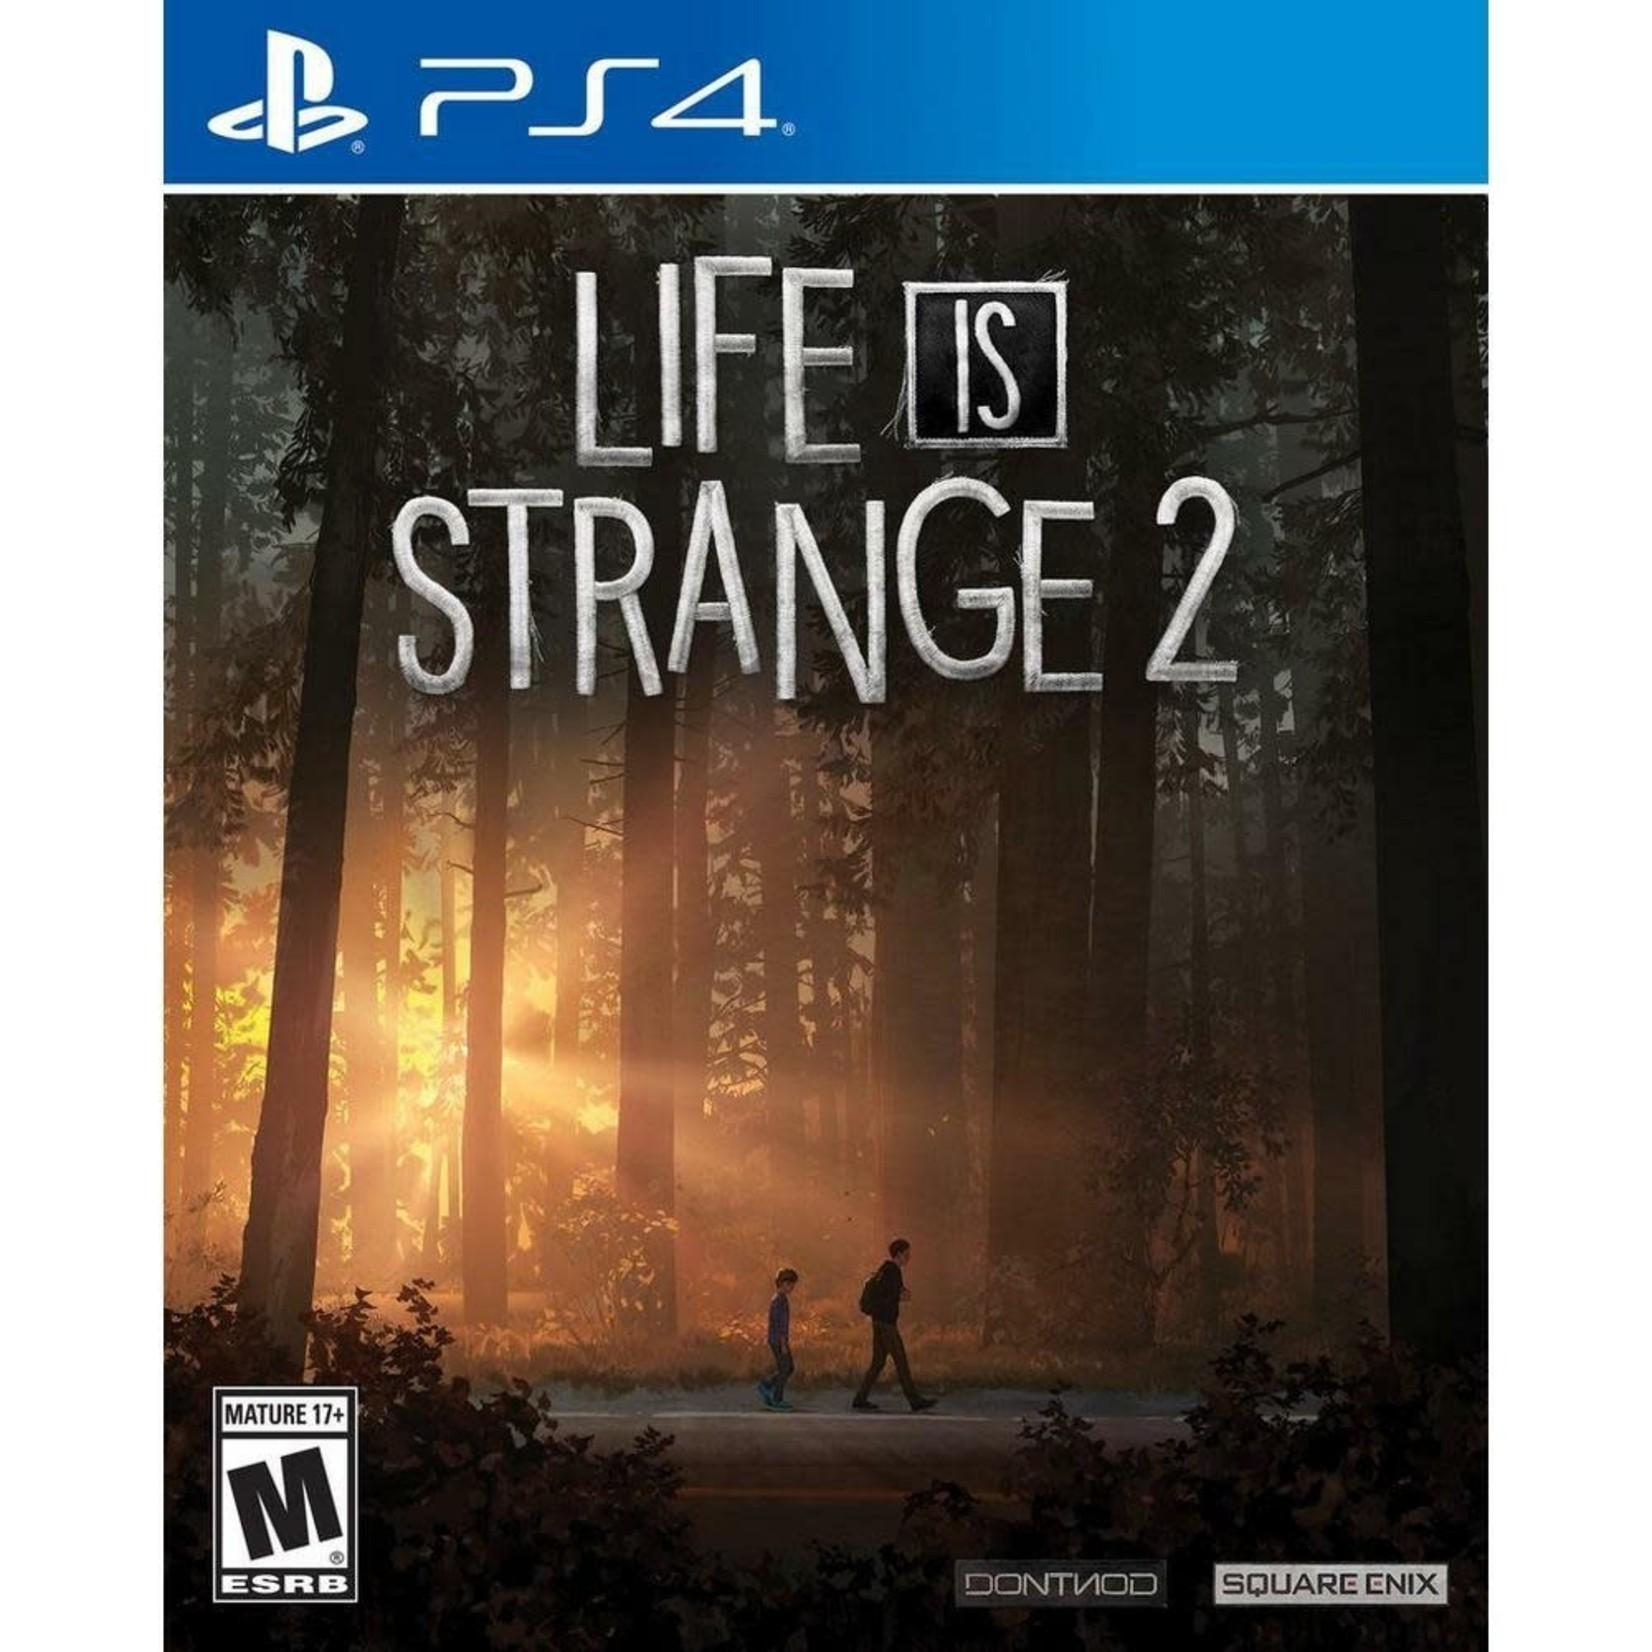 PS4-Life is Strange 2